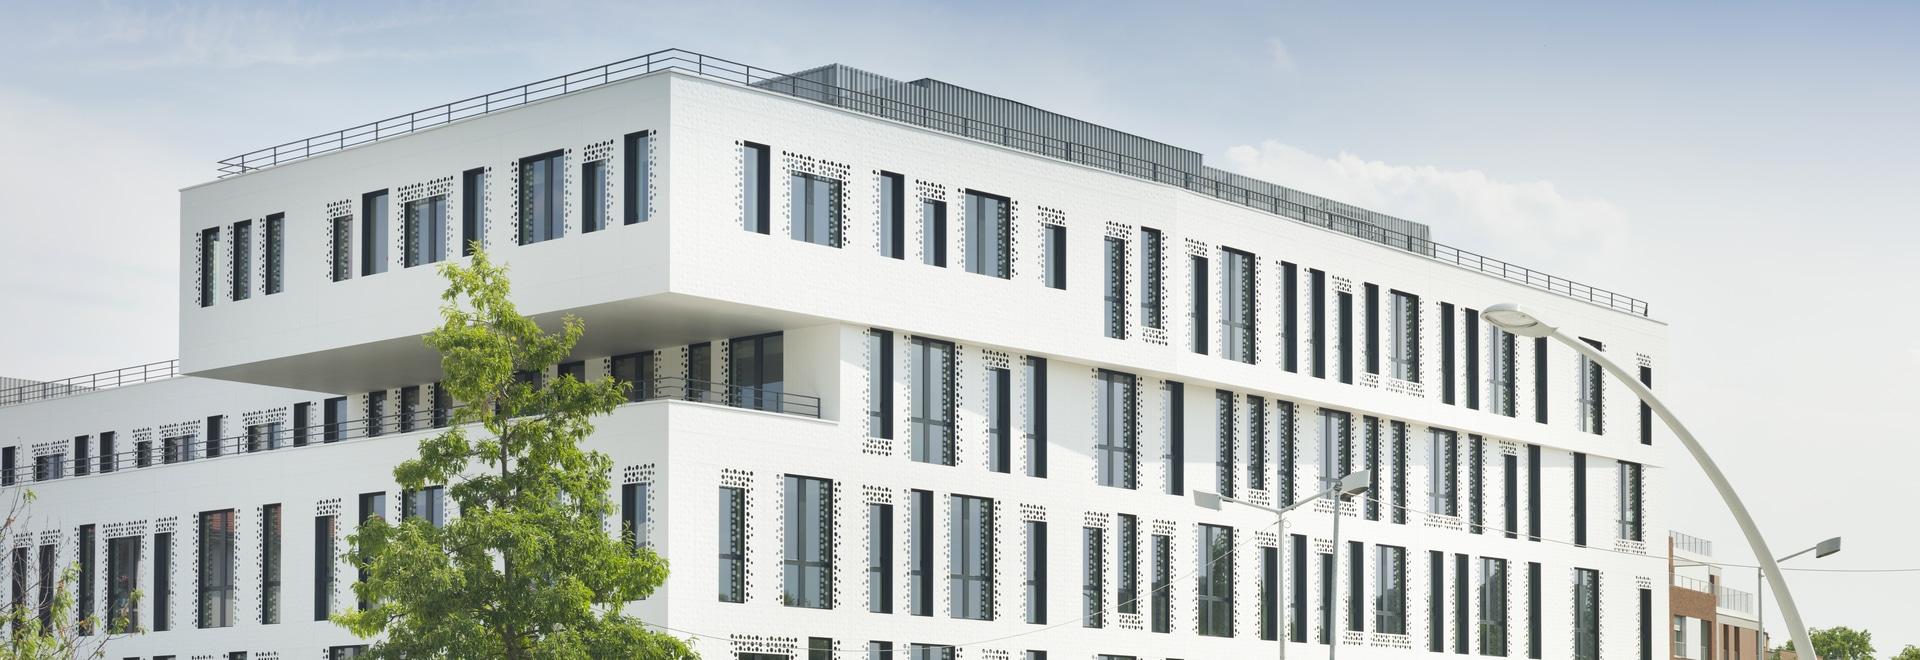 El estudio Reichen & Robert & Associes diseña con KRION la singular fachada de Docteur Pierre